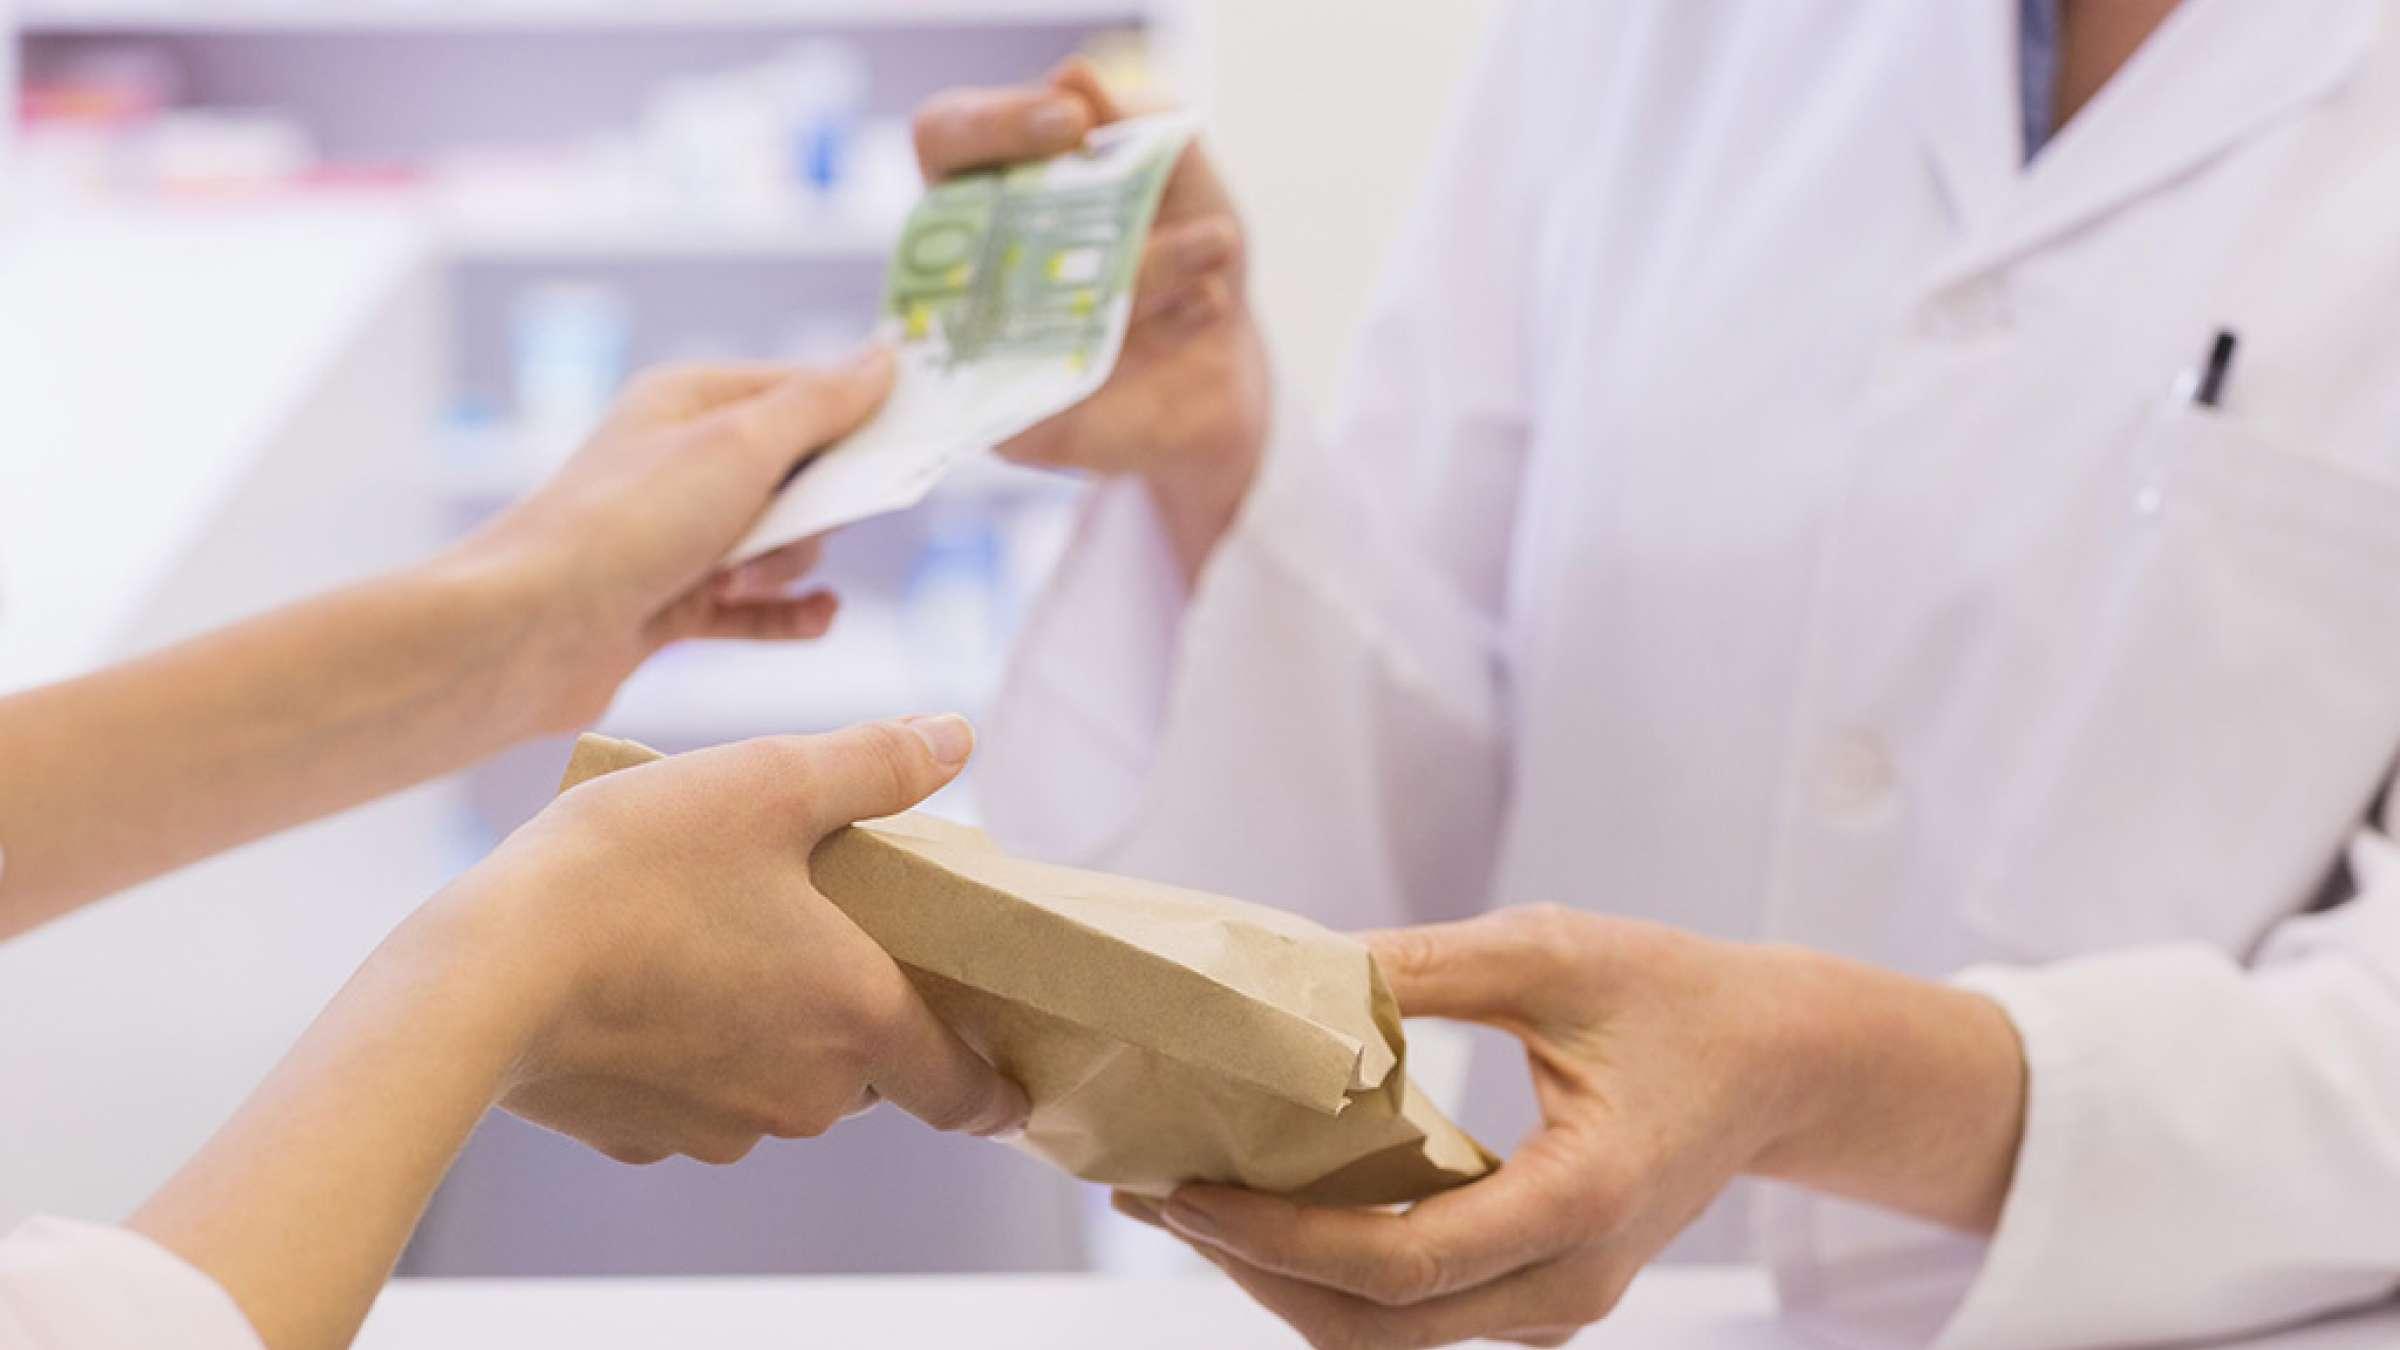 اخبار-تورنتو-کاهش-436-میلیون-دلاری-هزینهها-با-تغییر-پرداخت-به-داروخانهها